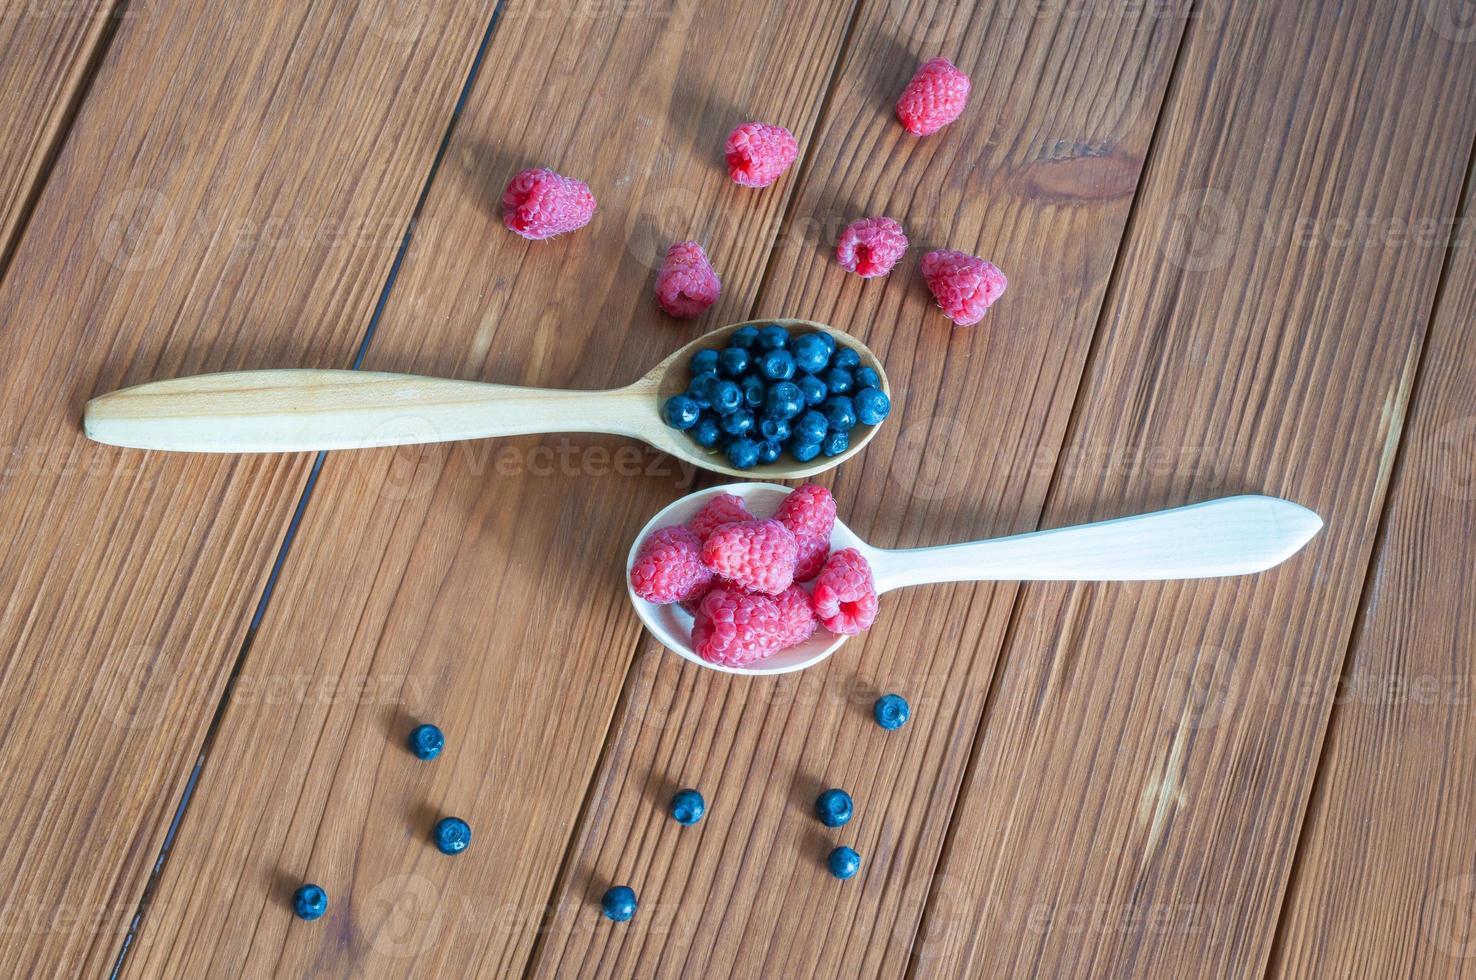 lamponi e mirtilli in cucchiai su fondo in legno. mangiare sano foto